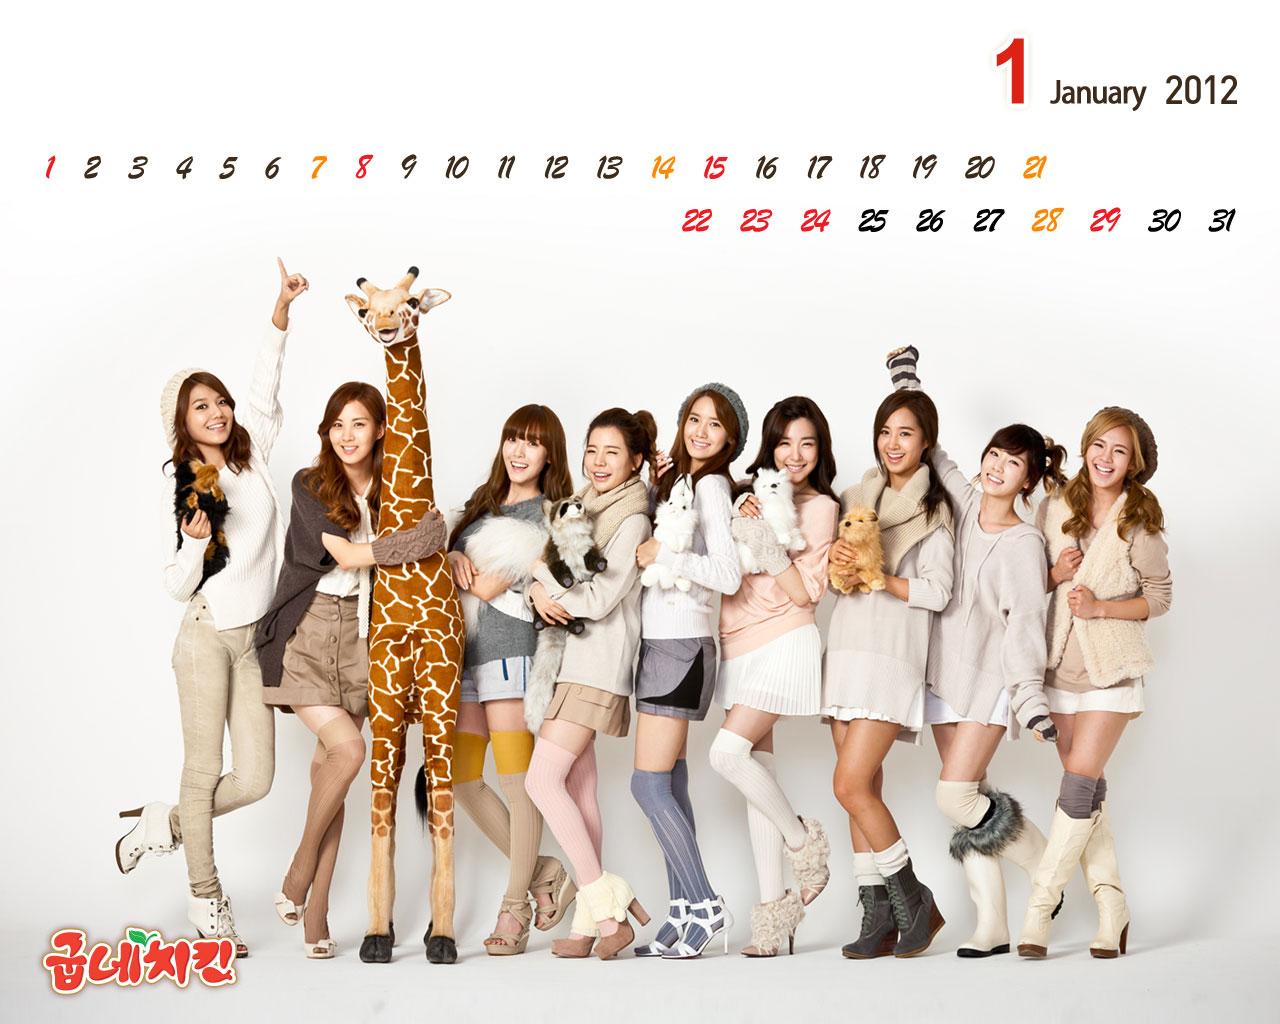 http://1.bp.blogspot.com/-PduzNN6xnXs/Twv5kY4esRI/AAAAAAAABVM/jdcH0x5HlA8/s1600/snsd-goobne-2012-wallpaper-2.jpg